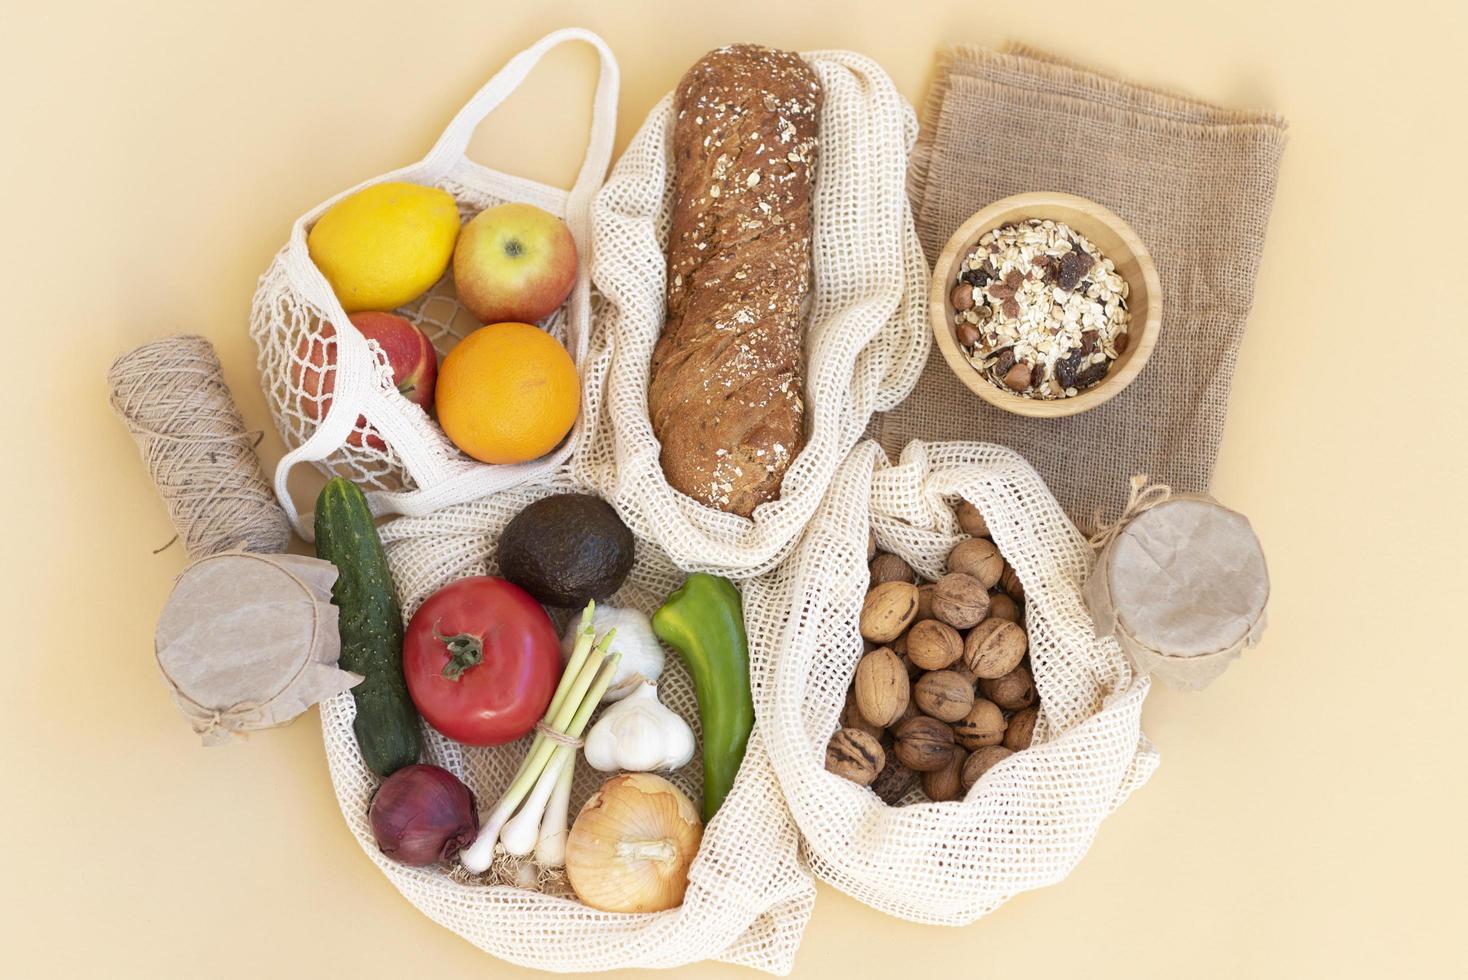 l'arrangement alimentaire en sac réutilisable photo